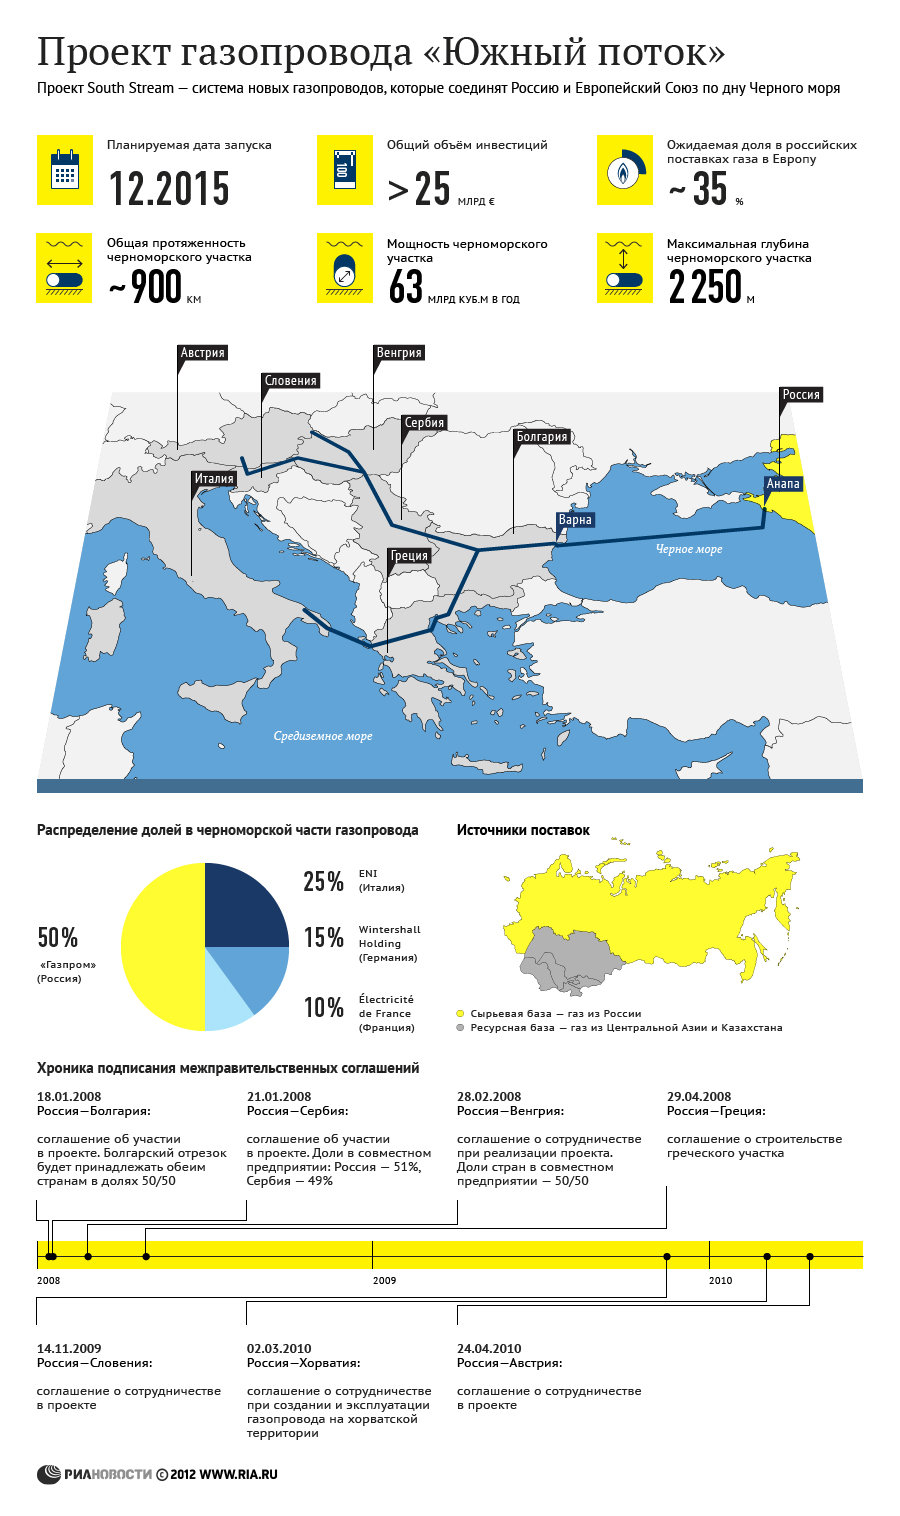 Проект газопровода Южный поток